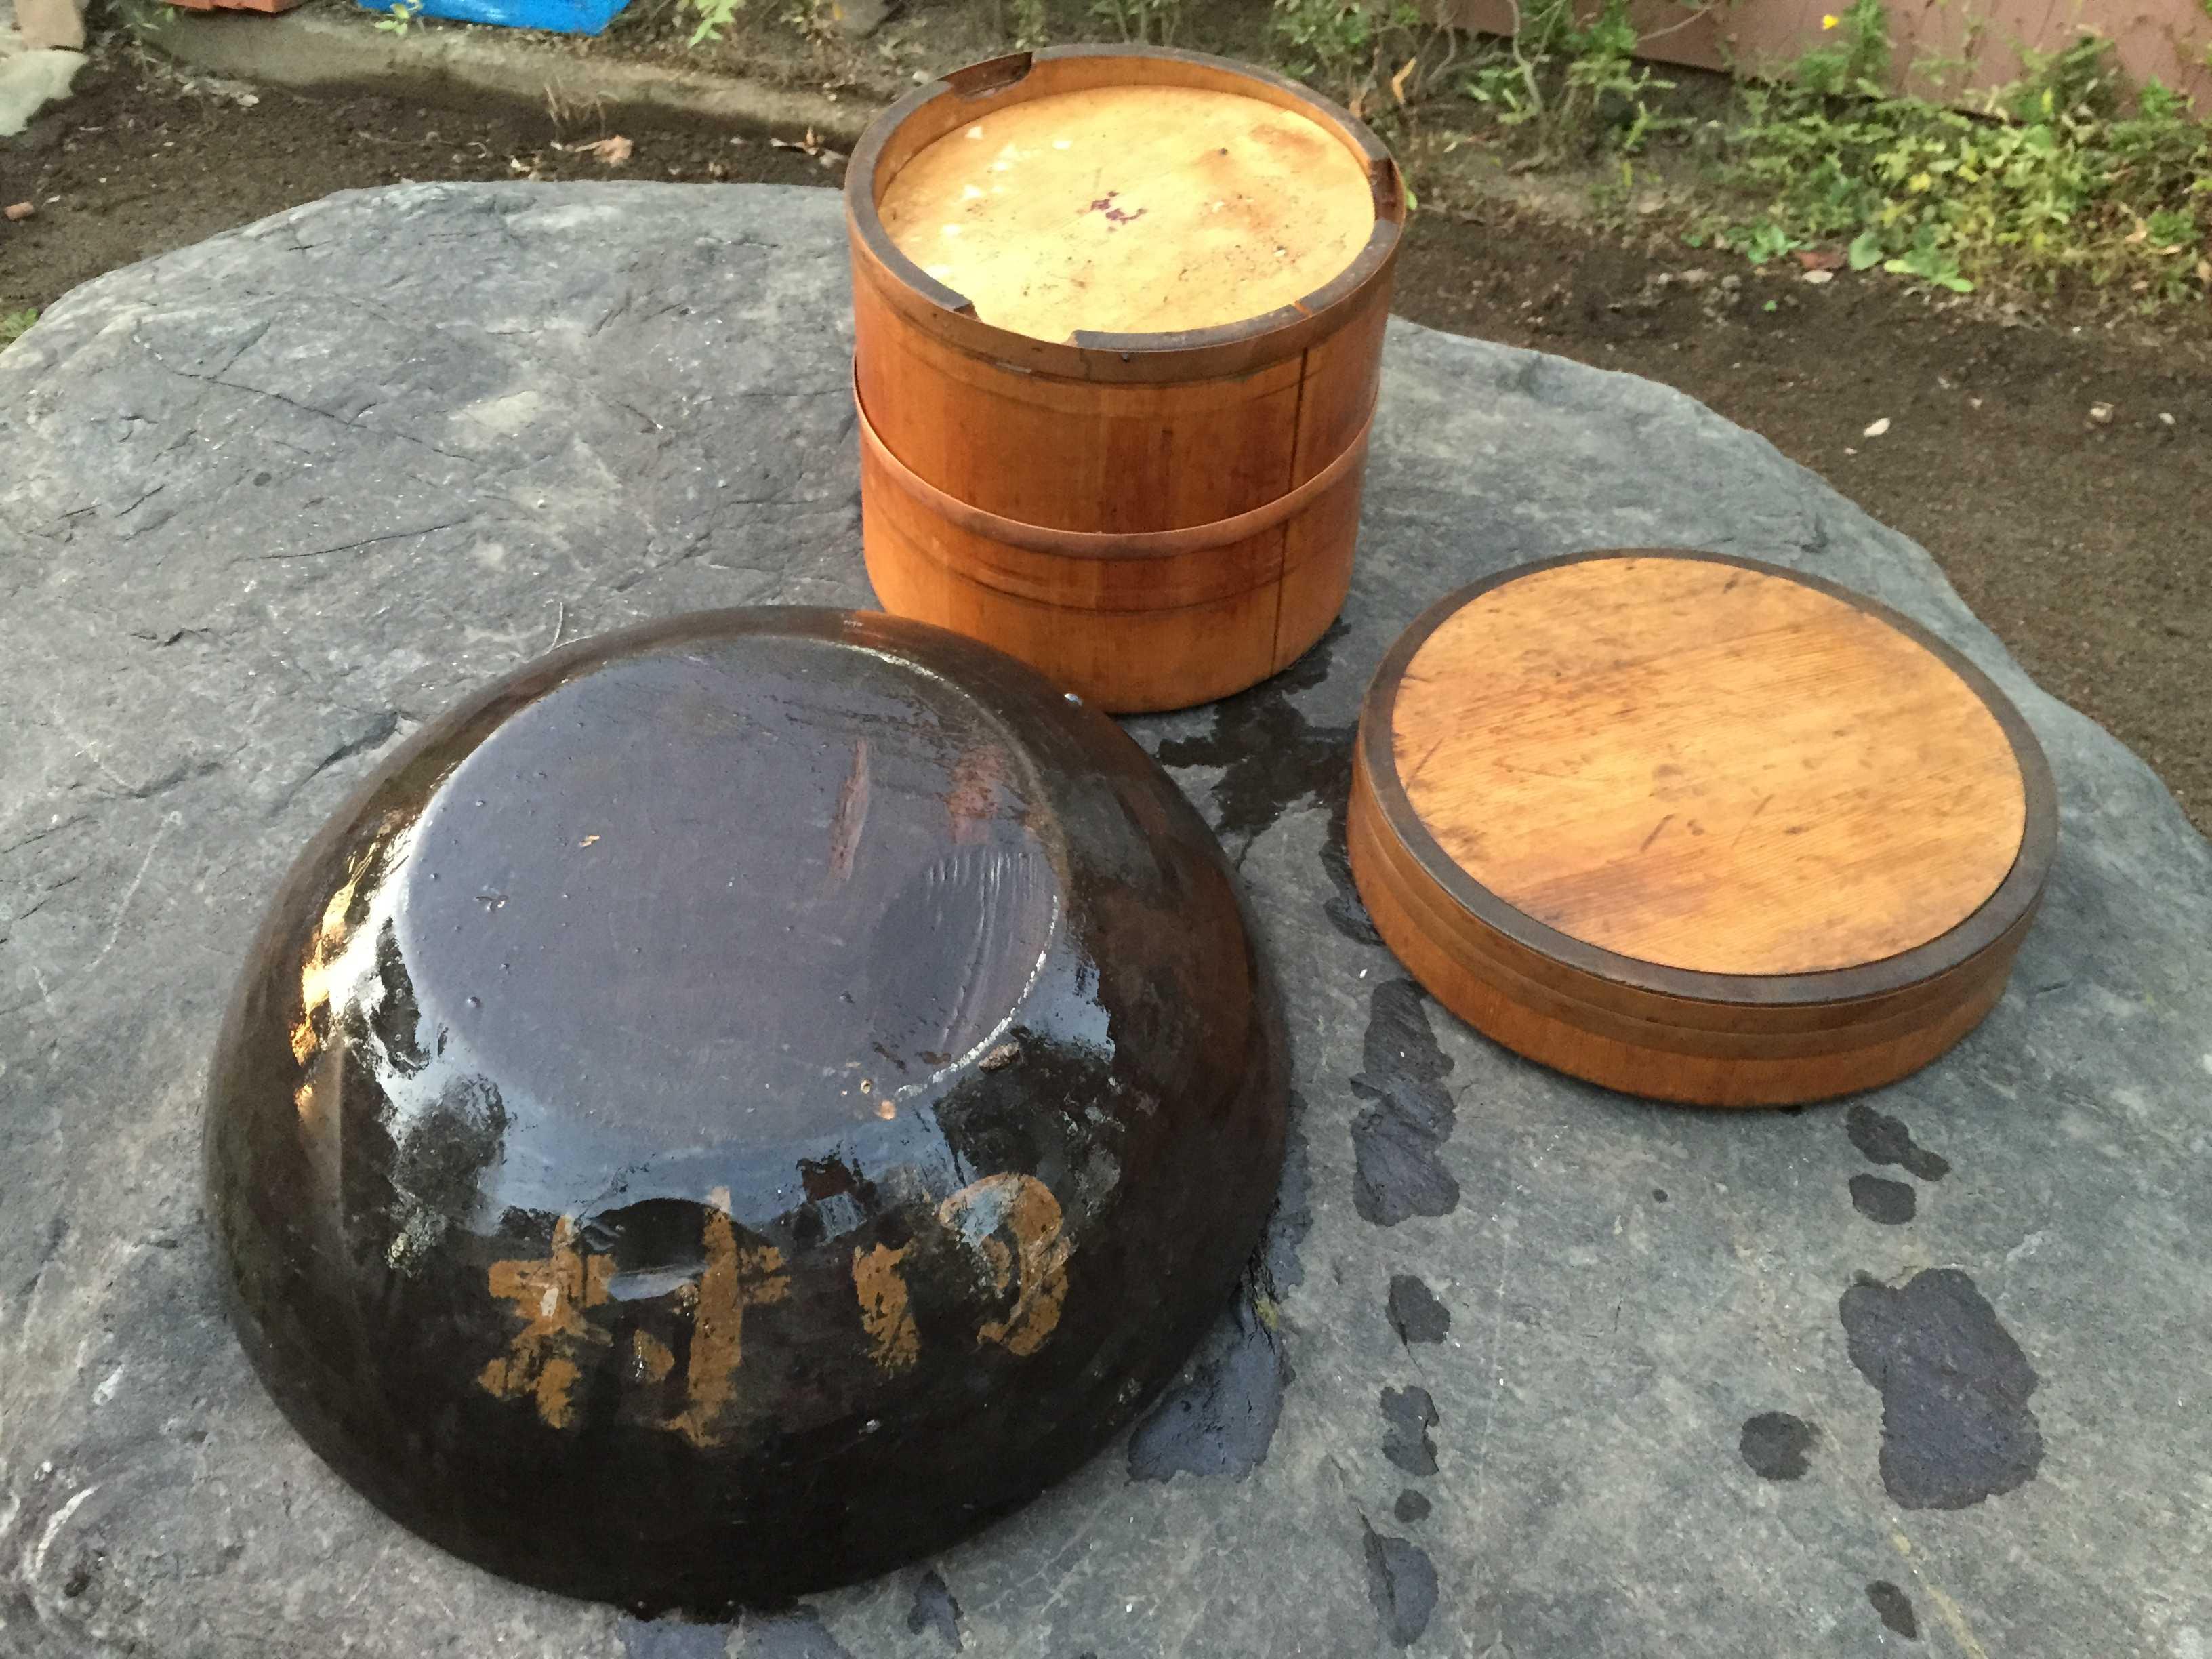 木製の大きな器とお櫃(ひつ)